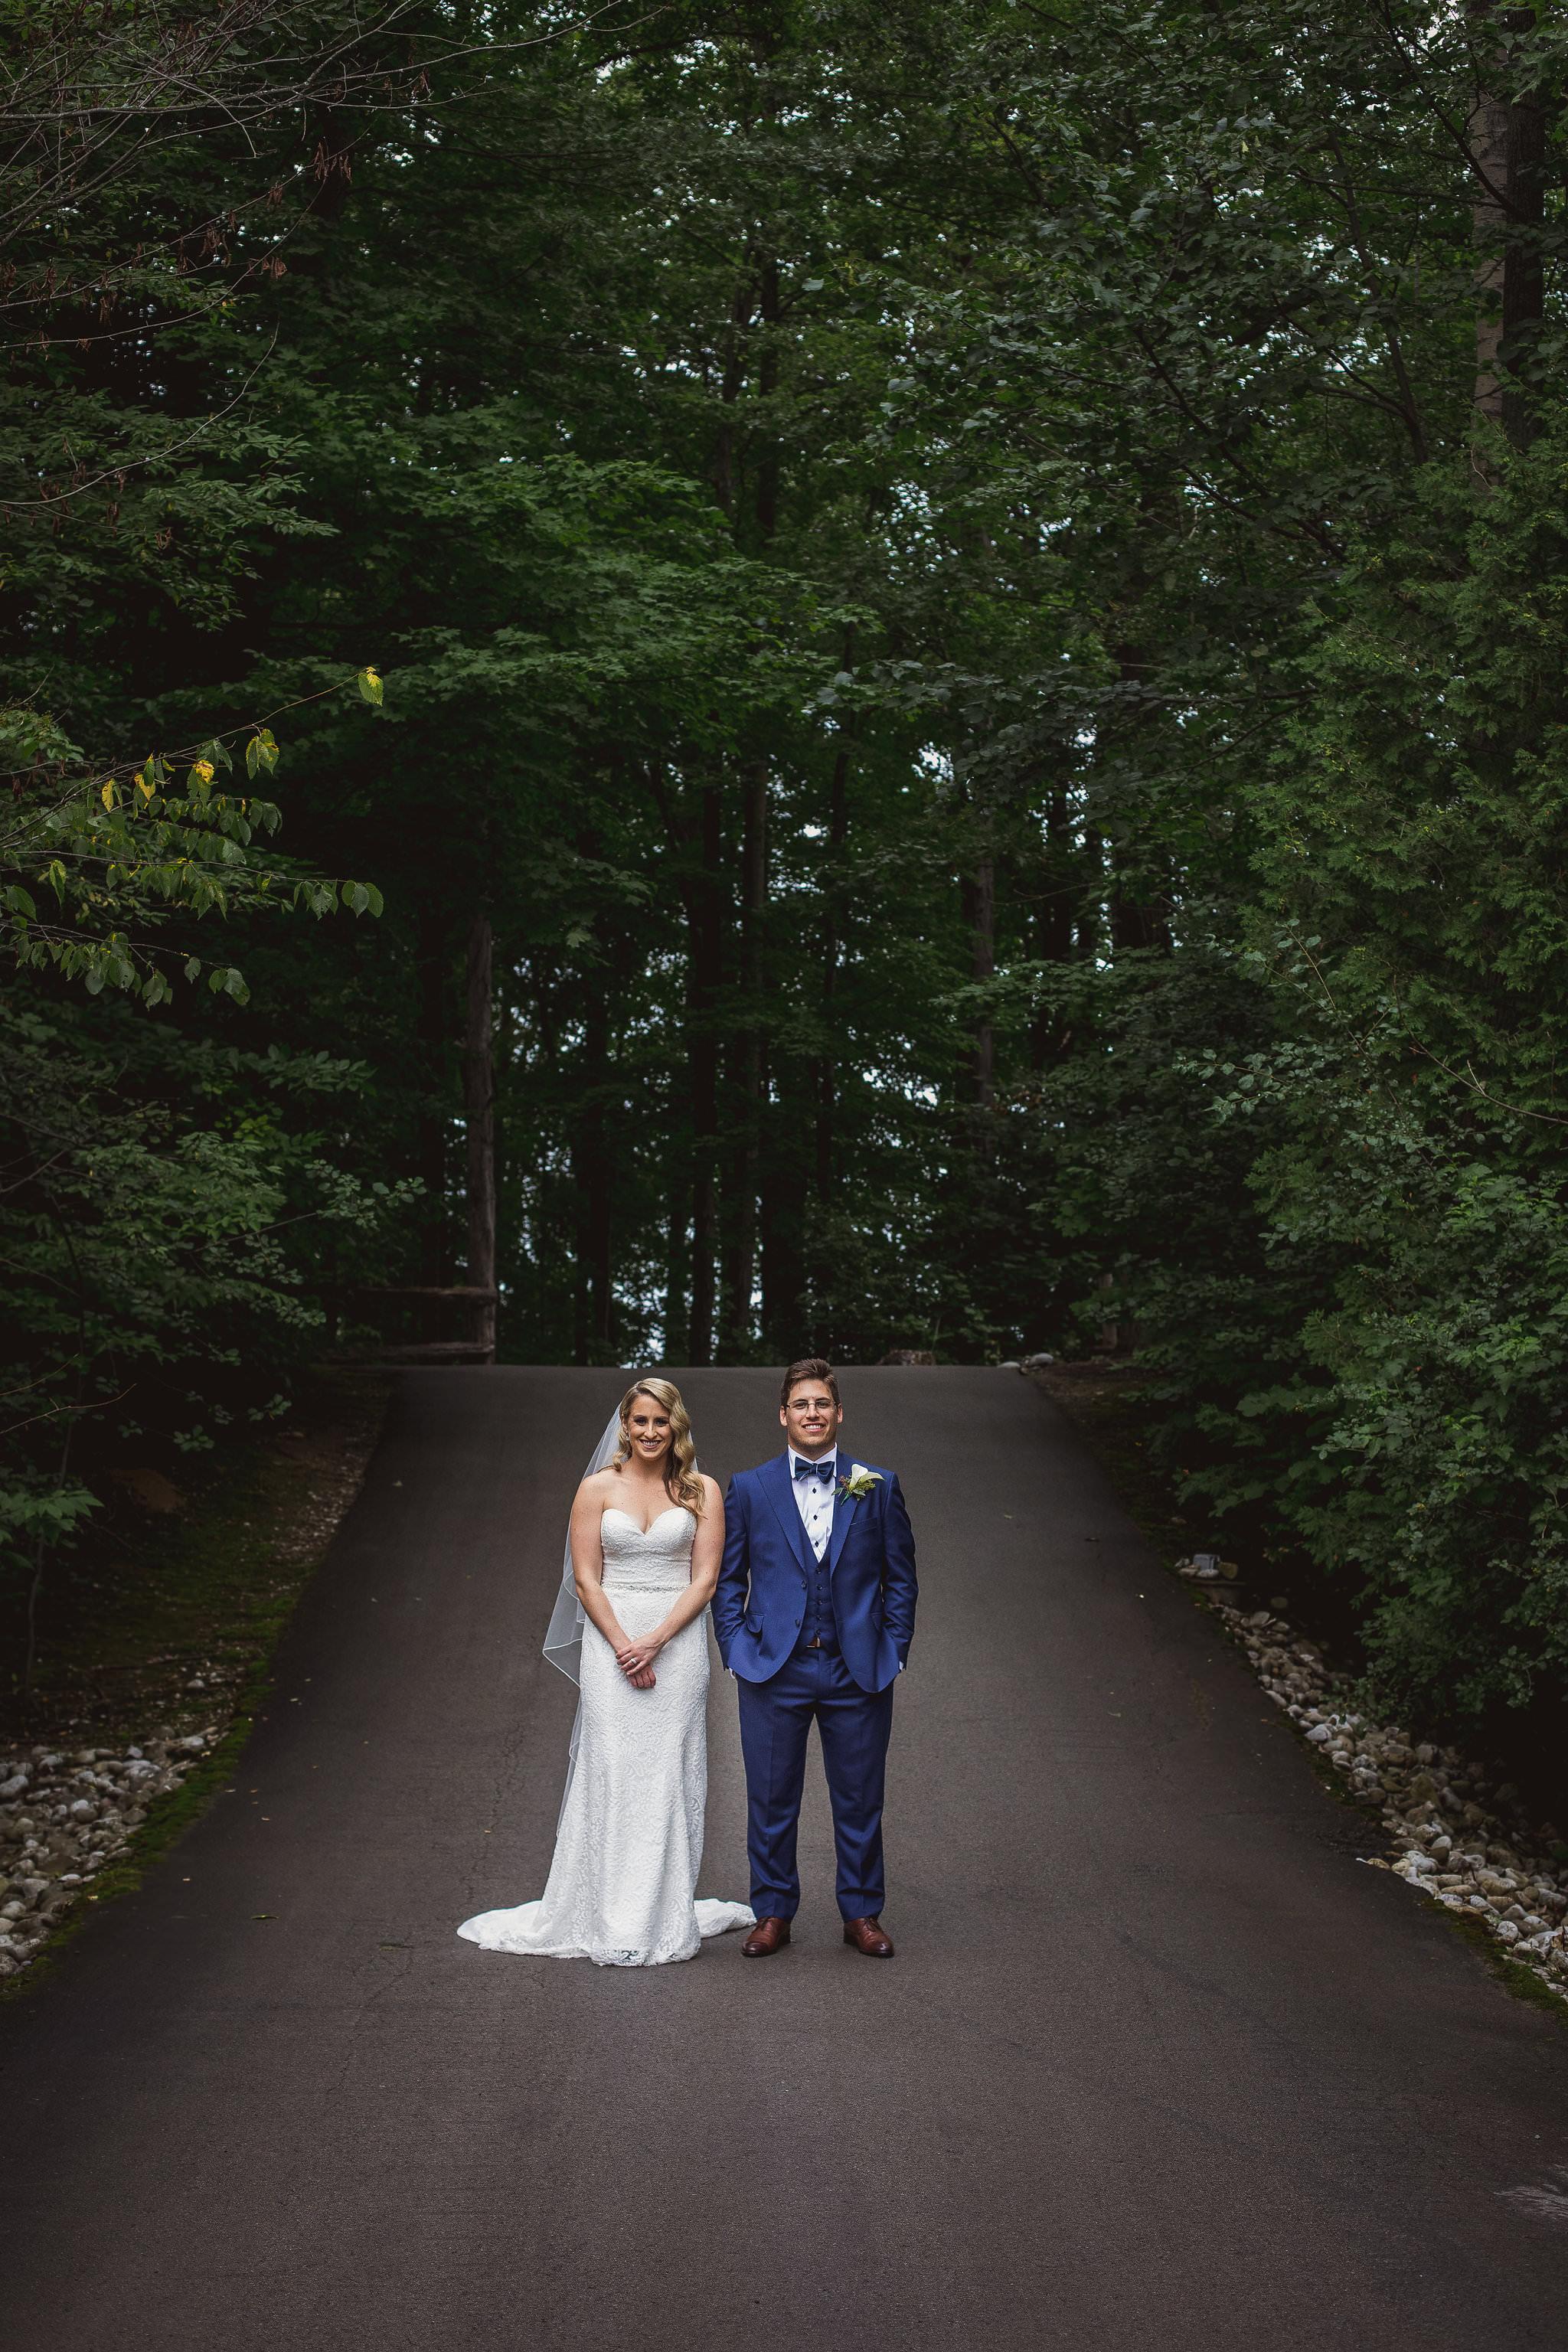 whistlebearweddingphotos 539 - Whistle Bear Wedding Photos